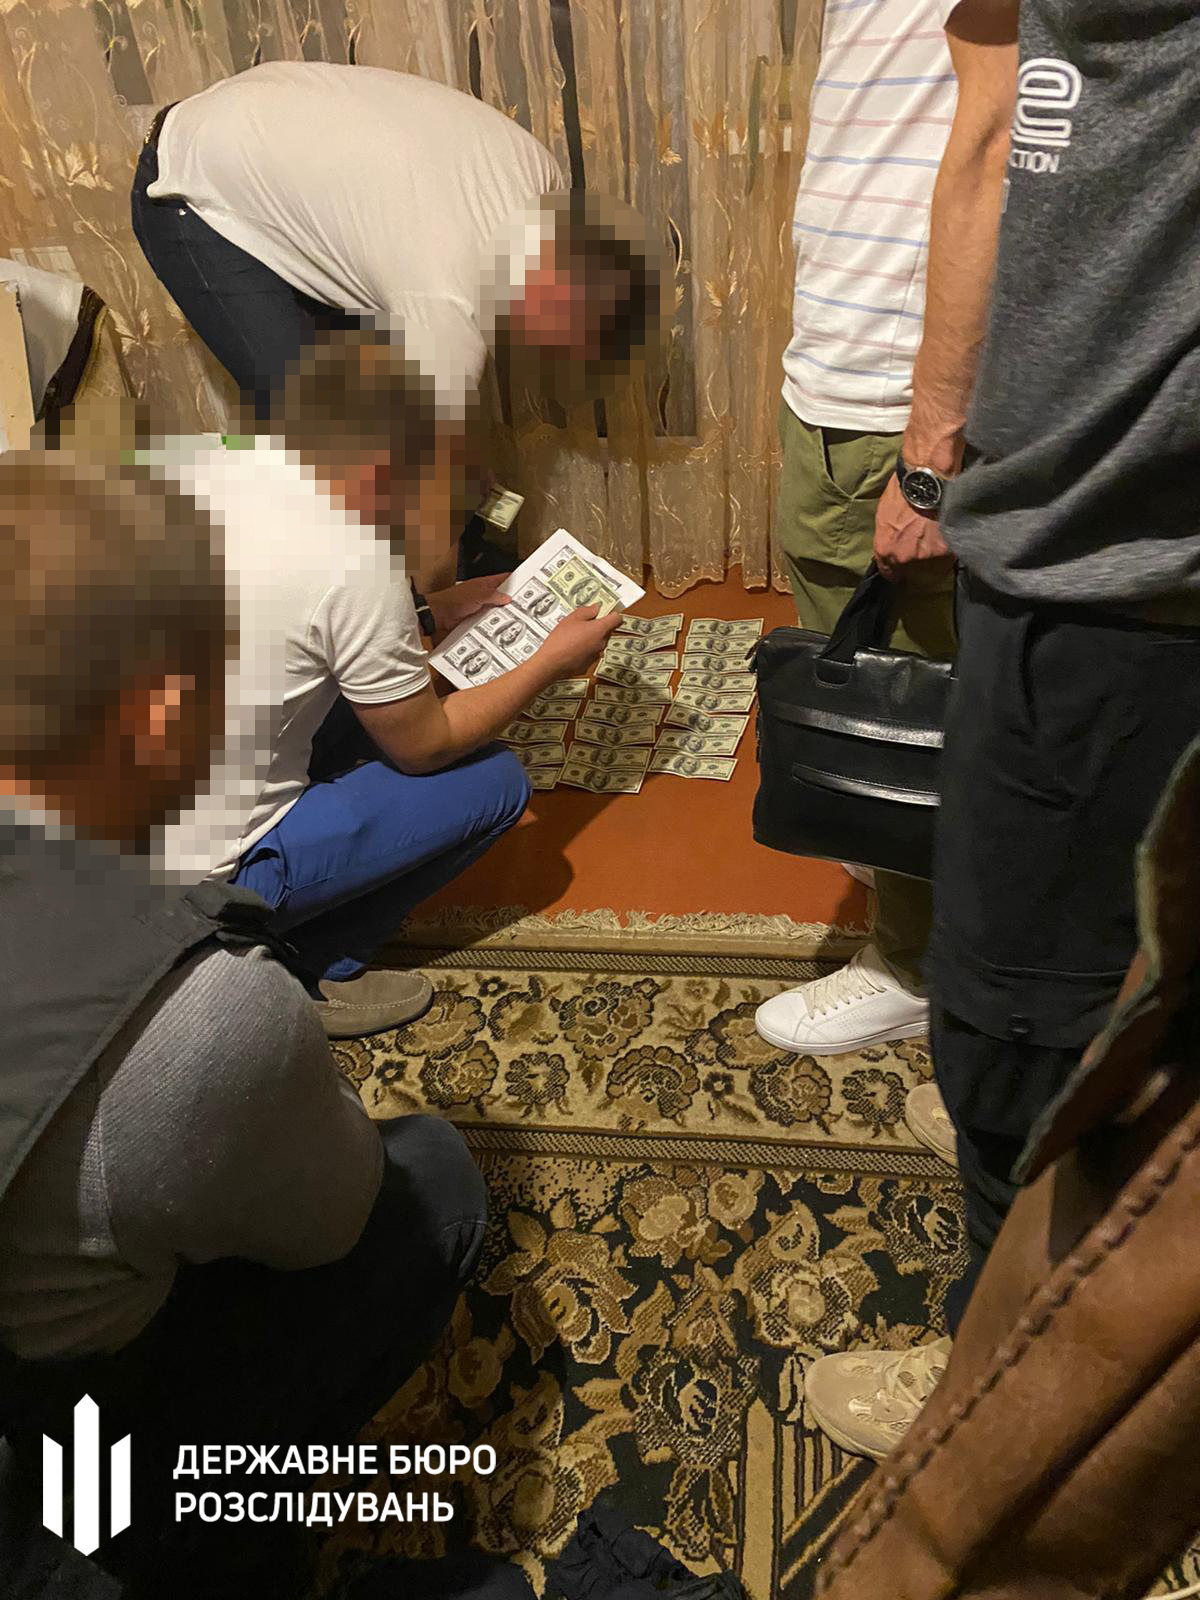 Поліцейському дали хабар за закриття справи щодо викрадення громадянина – Хмельницьке ДБР, фото-4